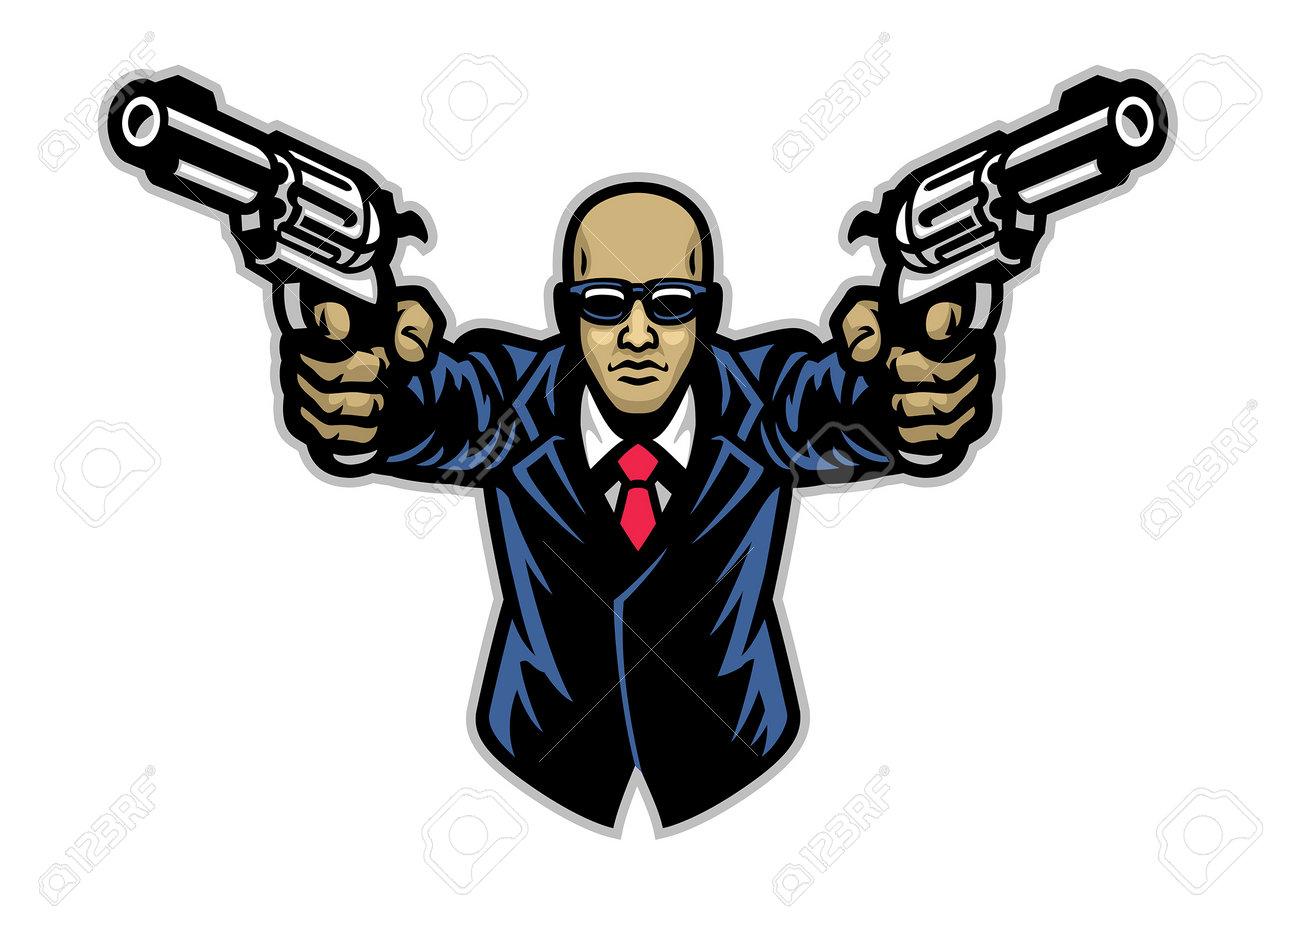 vector of suited gentlemen with pair of pistols - 169099670